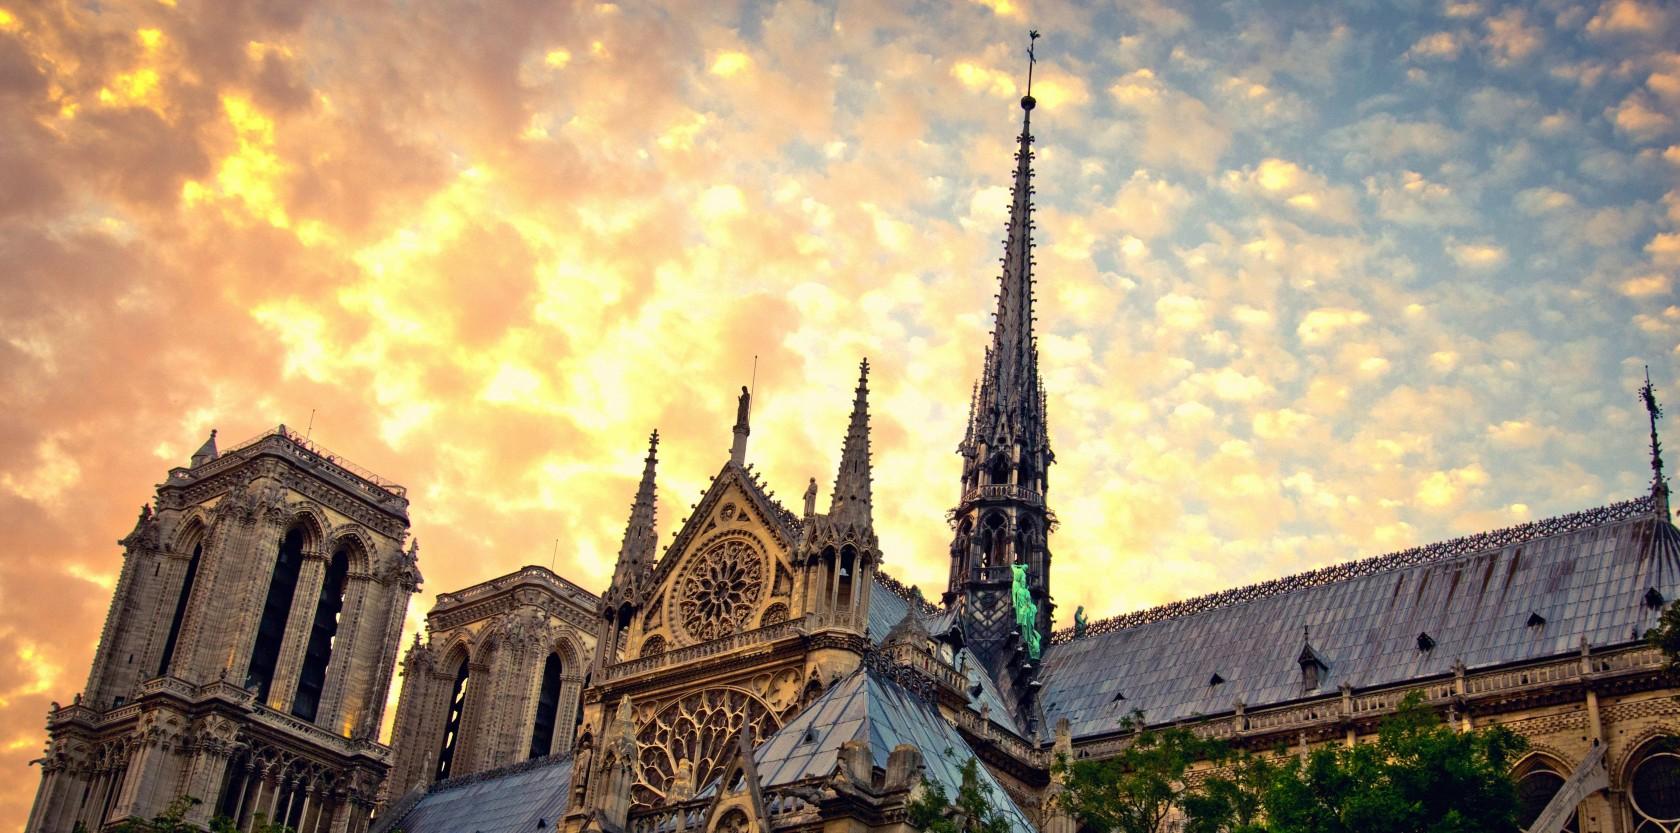 FRANSA'DA ÖZEL LİSE: FRANSIZ STİLİ EĞİTİMLE LİSEDE FELSEFİ VE SANATSAL BİR EĞİTİMLE DÖNÜŞÜMÜ KEŞFEDİN